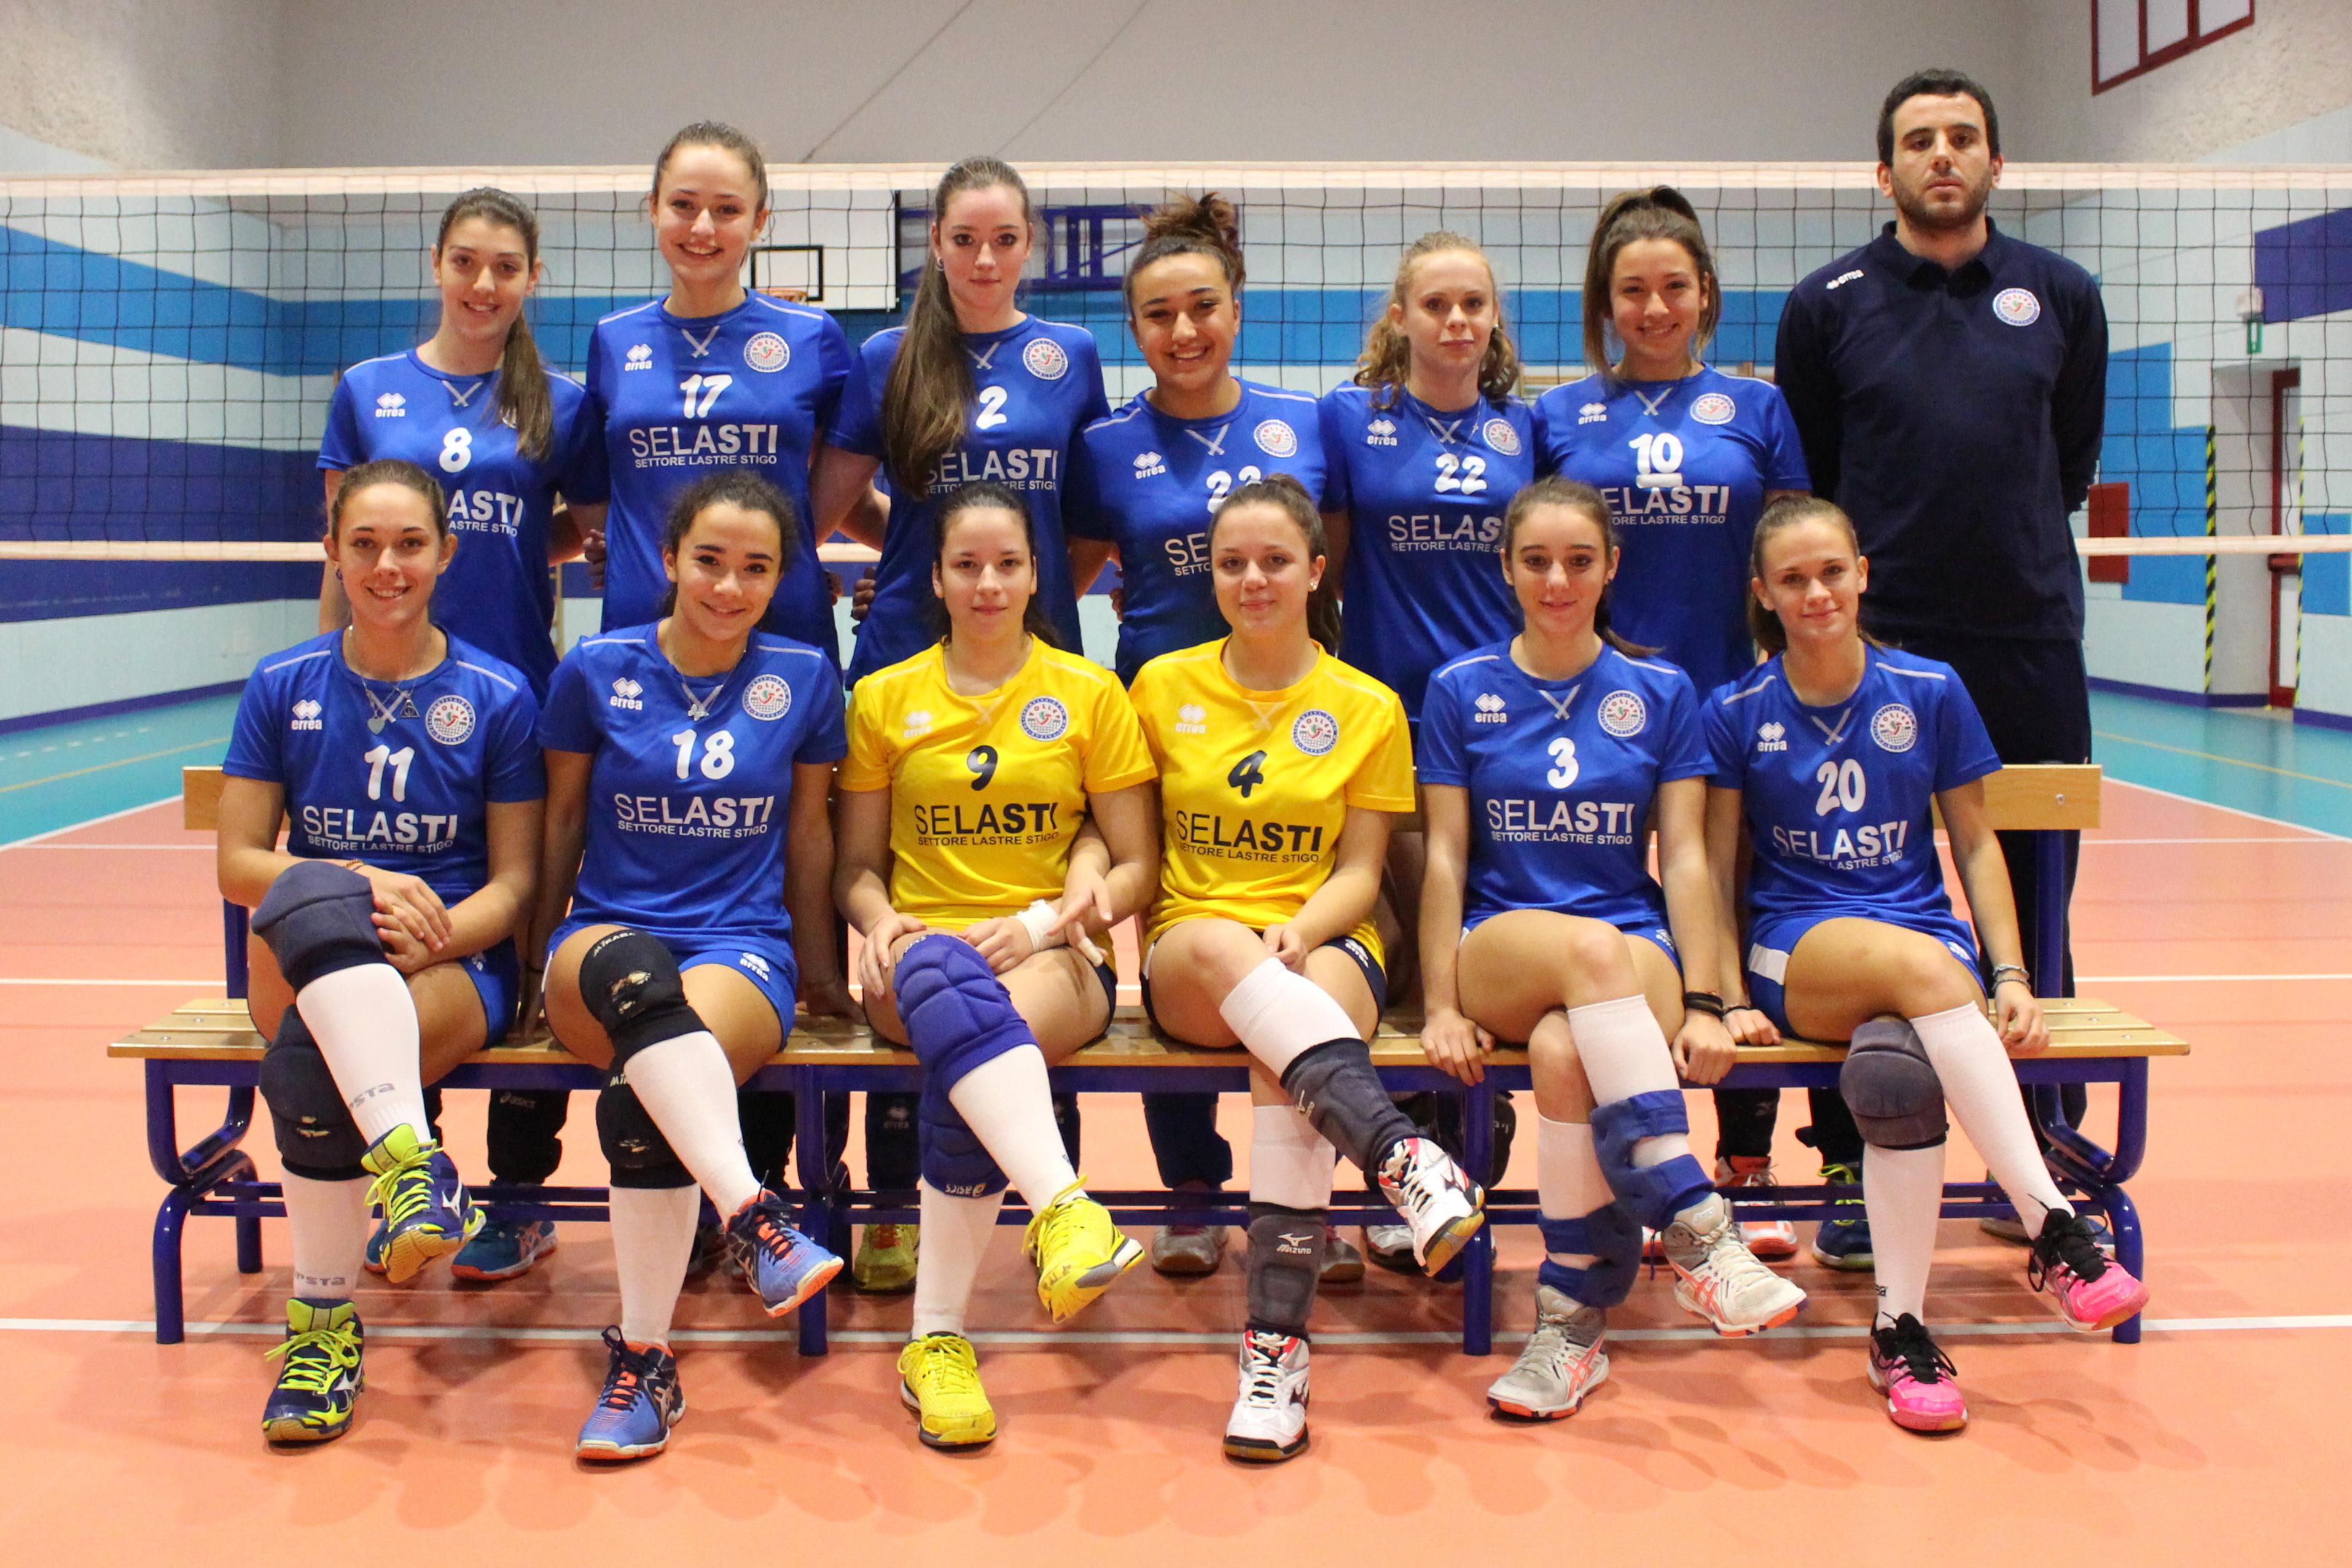 Pallavolo Femminile Bagno A Ripoli : Che bel blu nella prima playoff ko borgo pescia e pieve